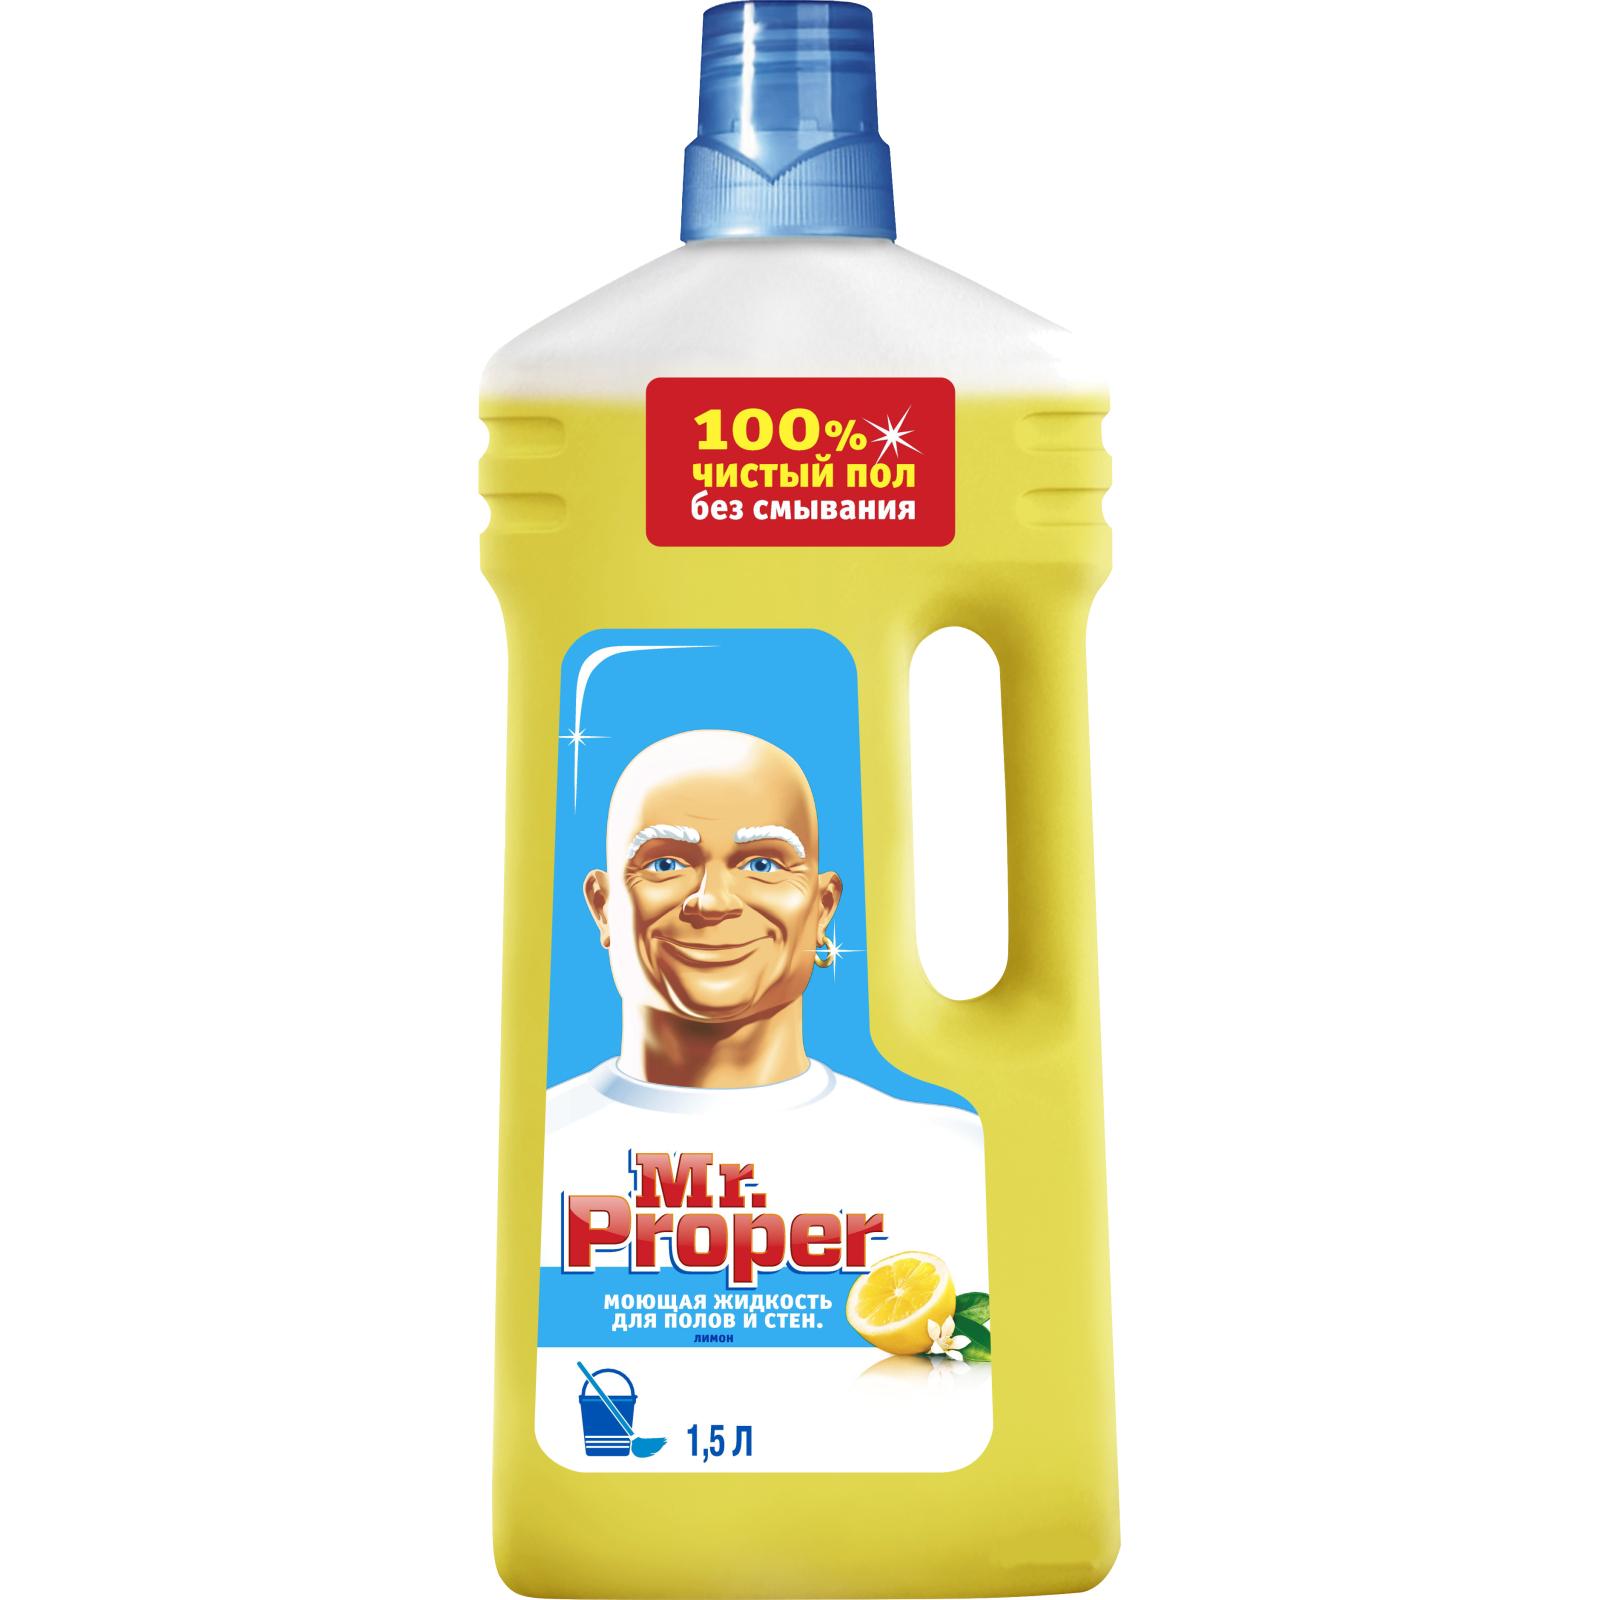 Моющая жидкость для уборки Mr. Proper Универсал Лимон 1,5 л (5410076957484)